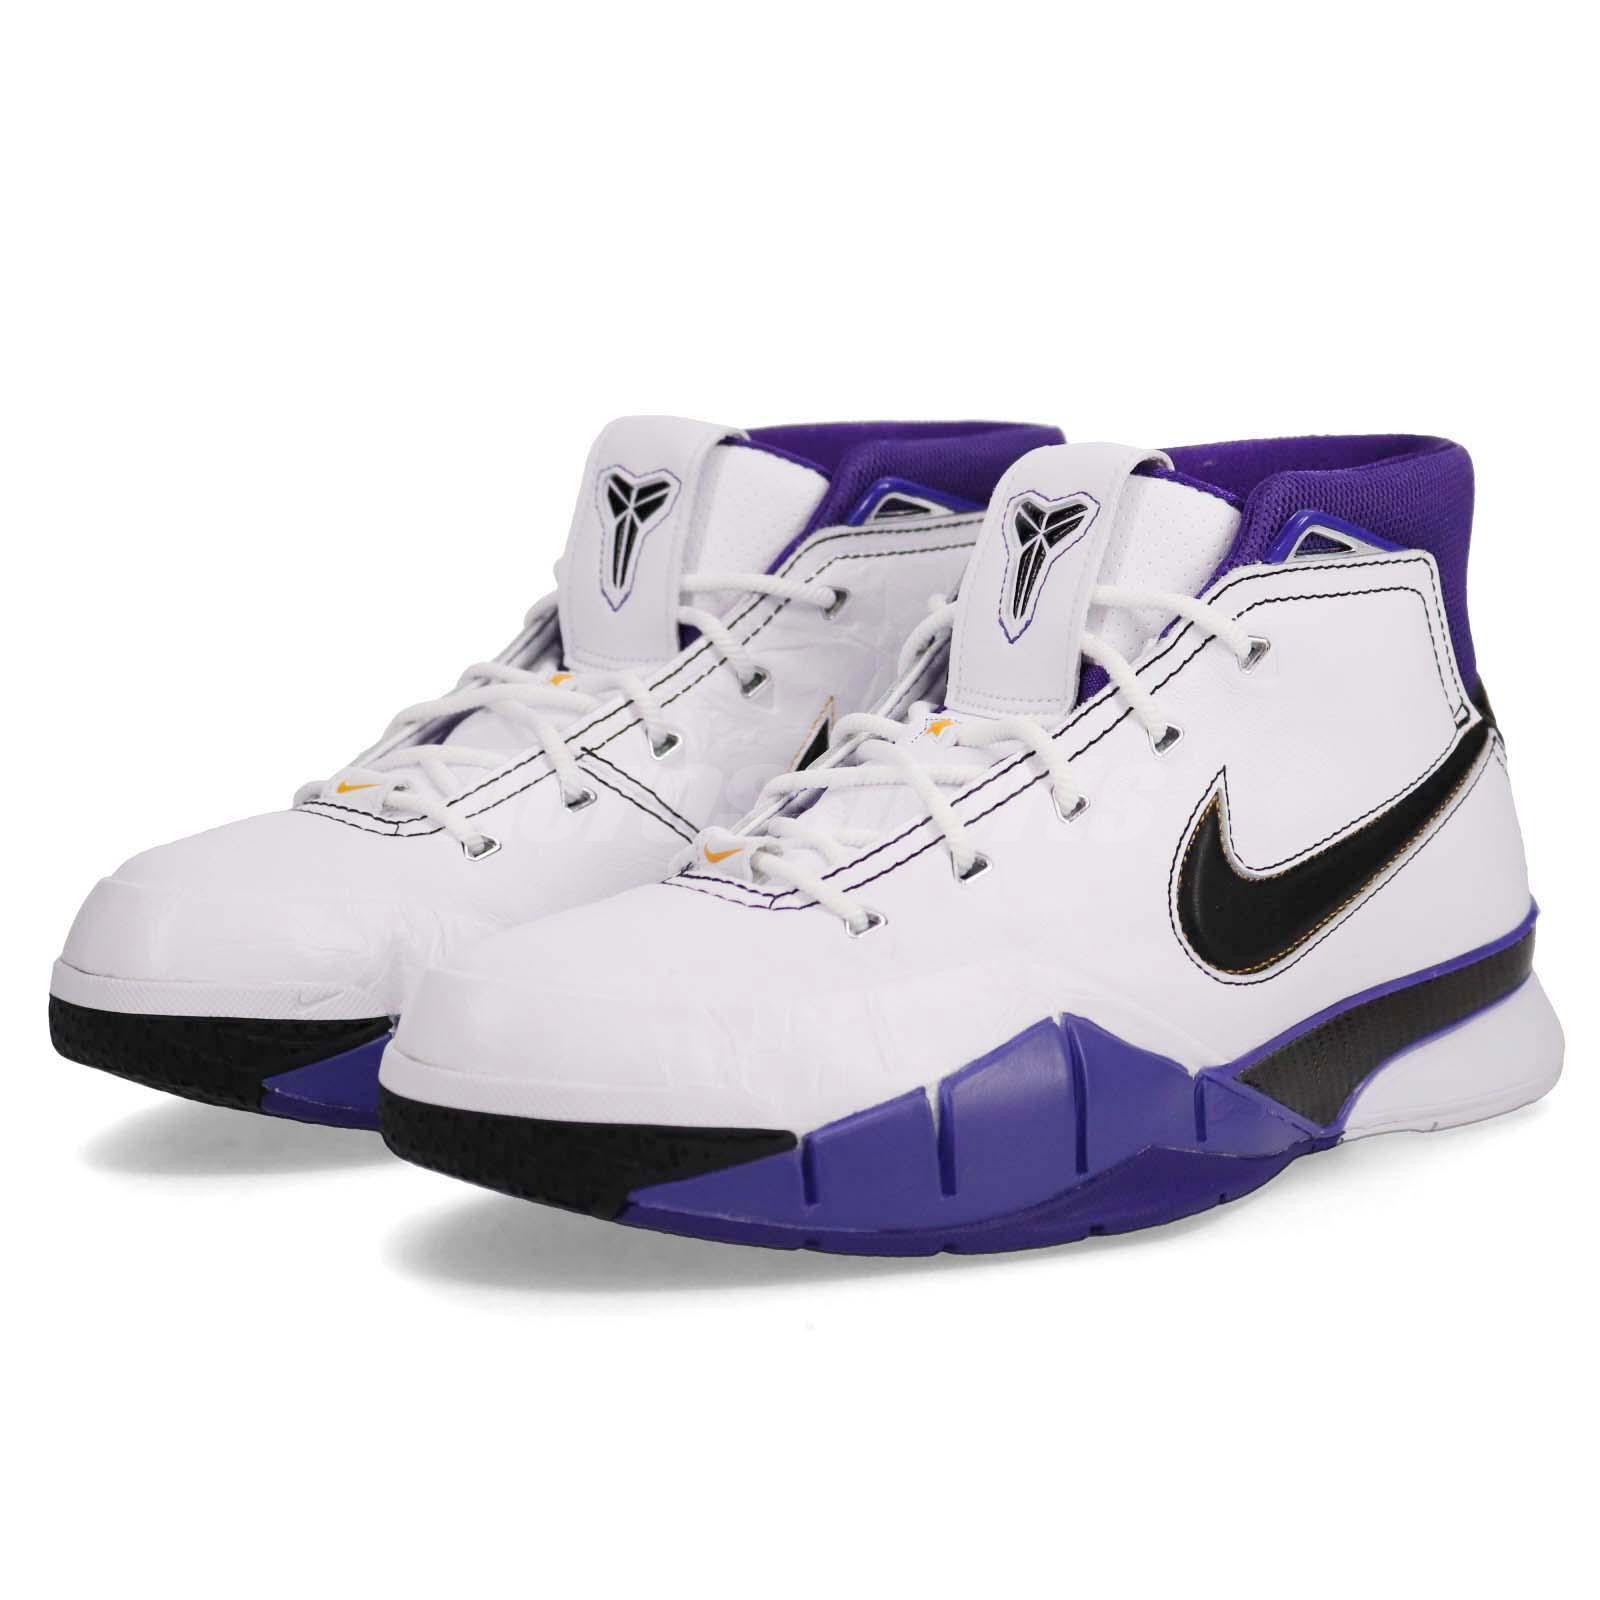 4d329fbe00a1 Nike Kobe 1 Protro 81 Points Game White Purple Black LA Lakers ...